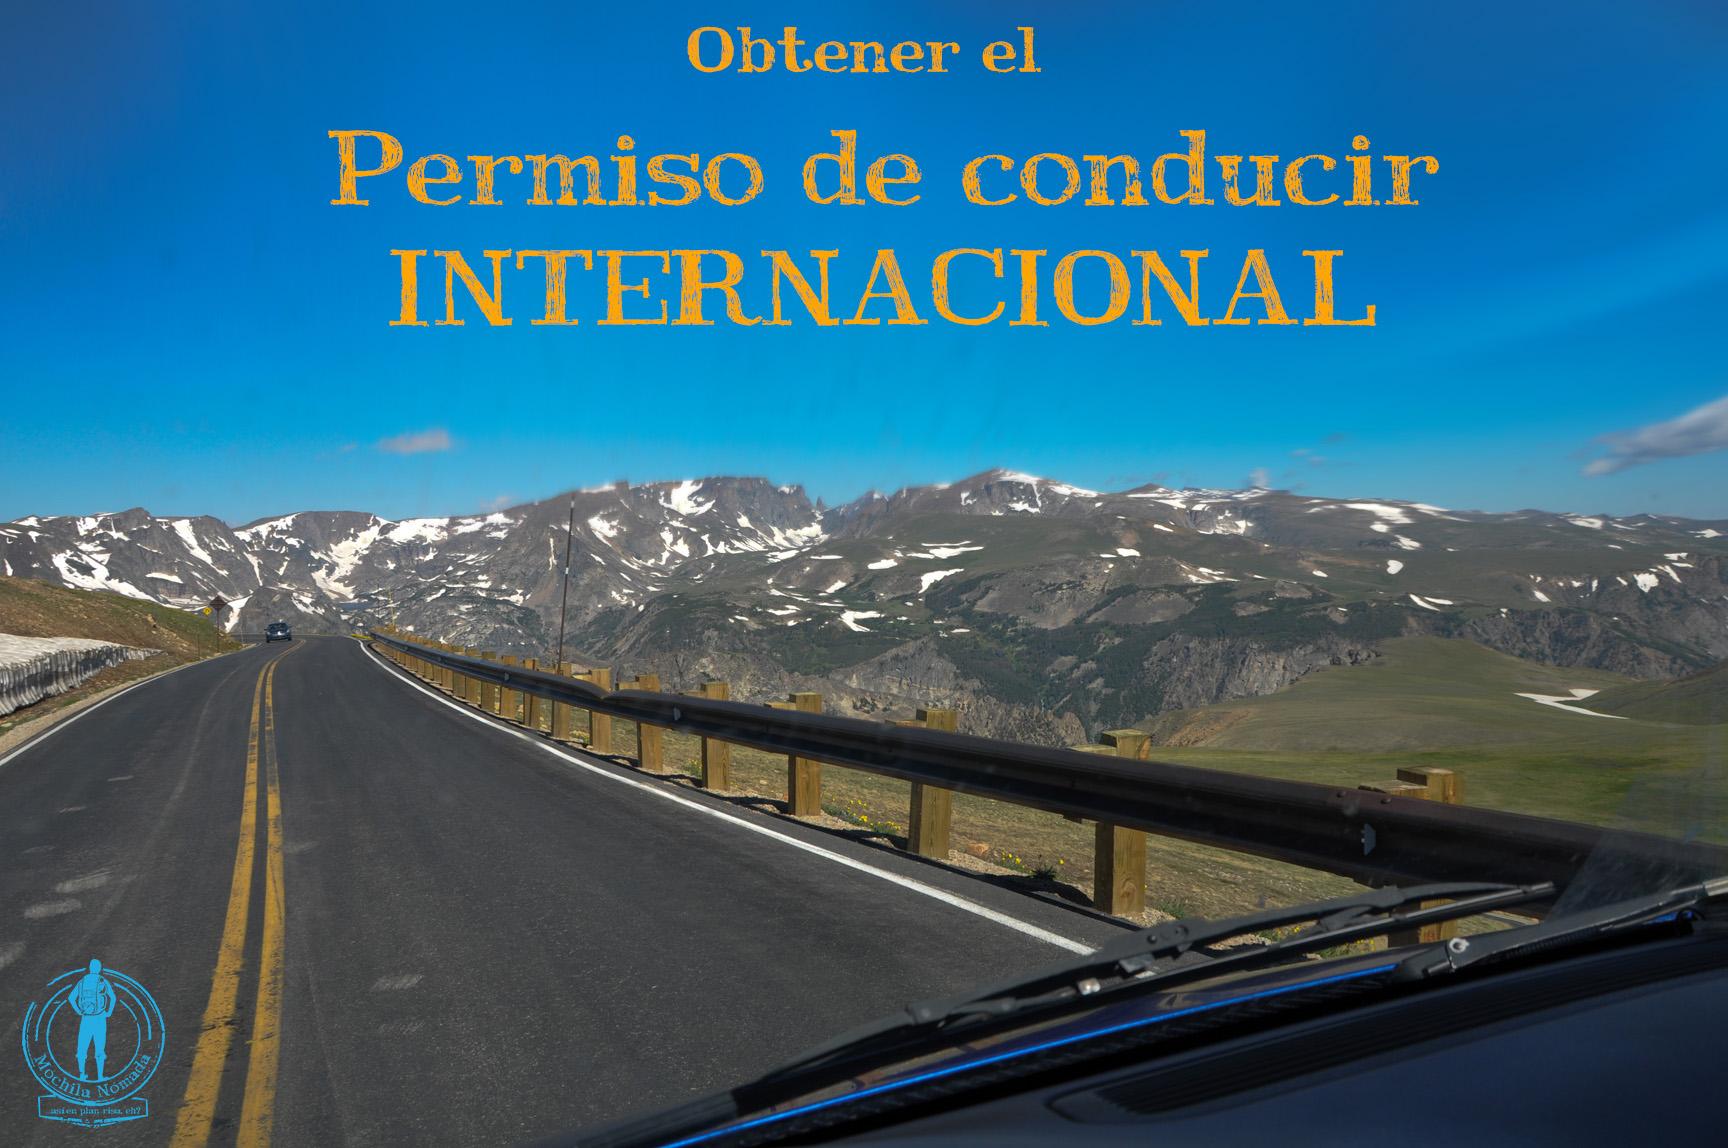 Cómo obtener el permiso internacional para conducir